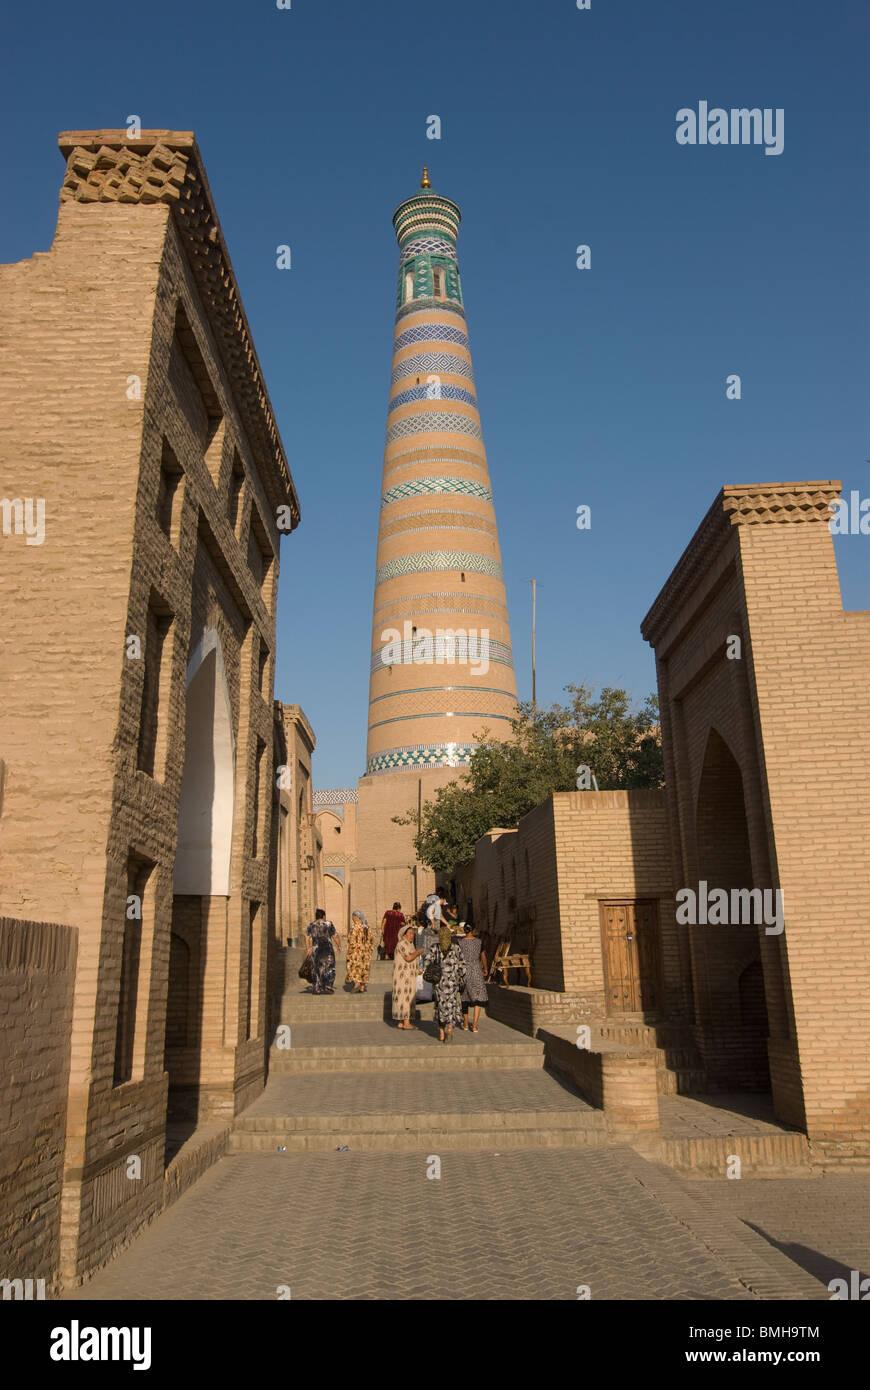 Mausoleum of Pahlavon Mahmud, Khiva. Usbekistan at Ichon Qala Fortress, Khiva, Uzbekistan - Stock Image